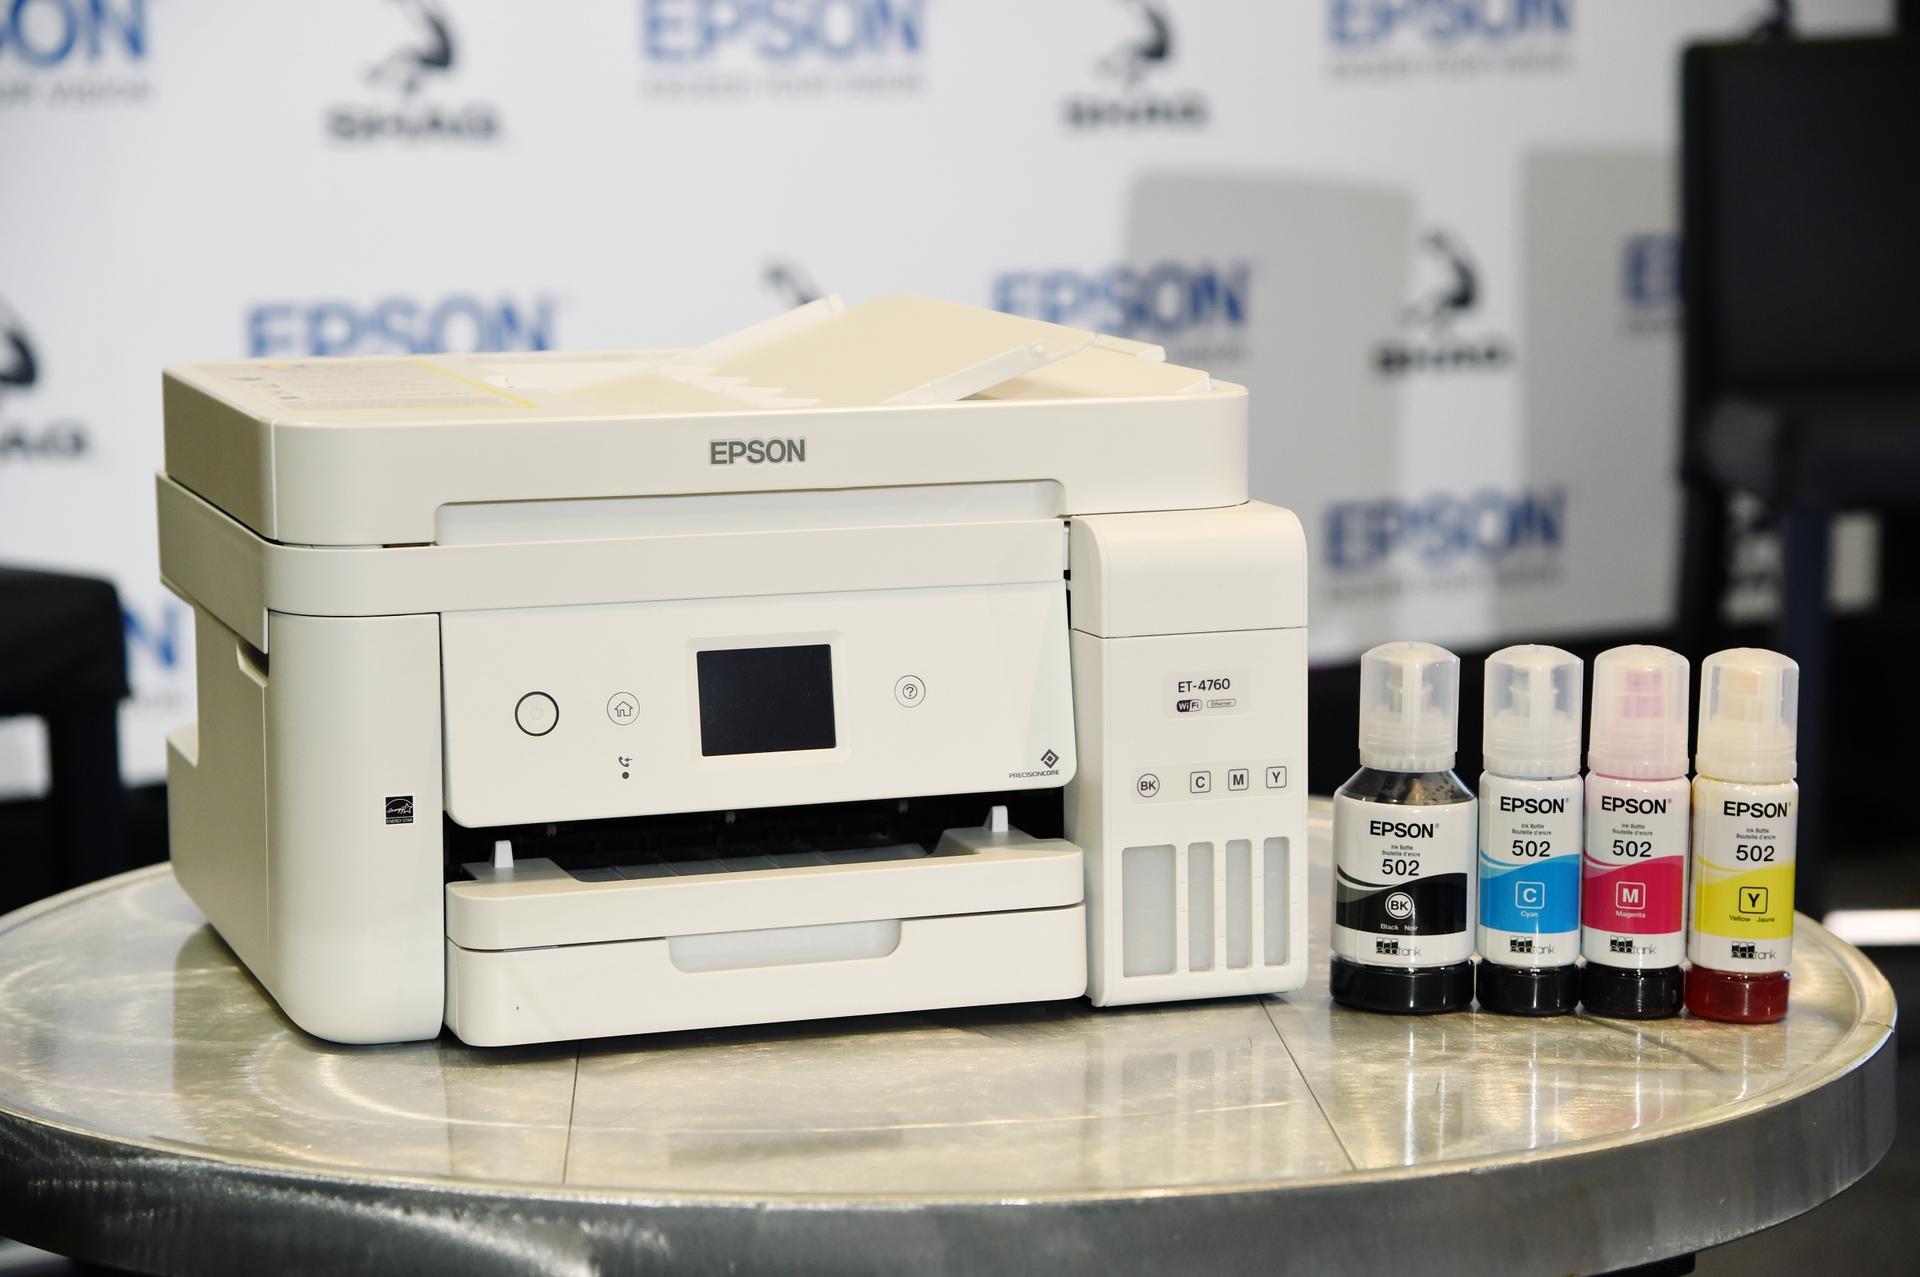 Epson July 9 Media Event_EcoTank Image